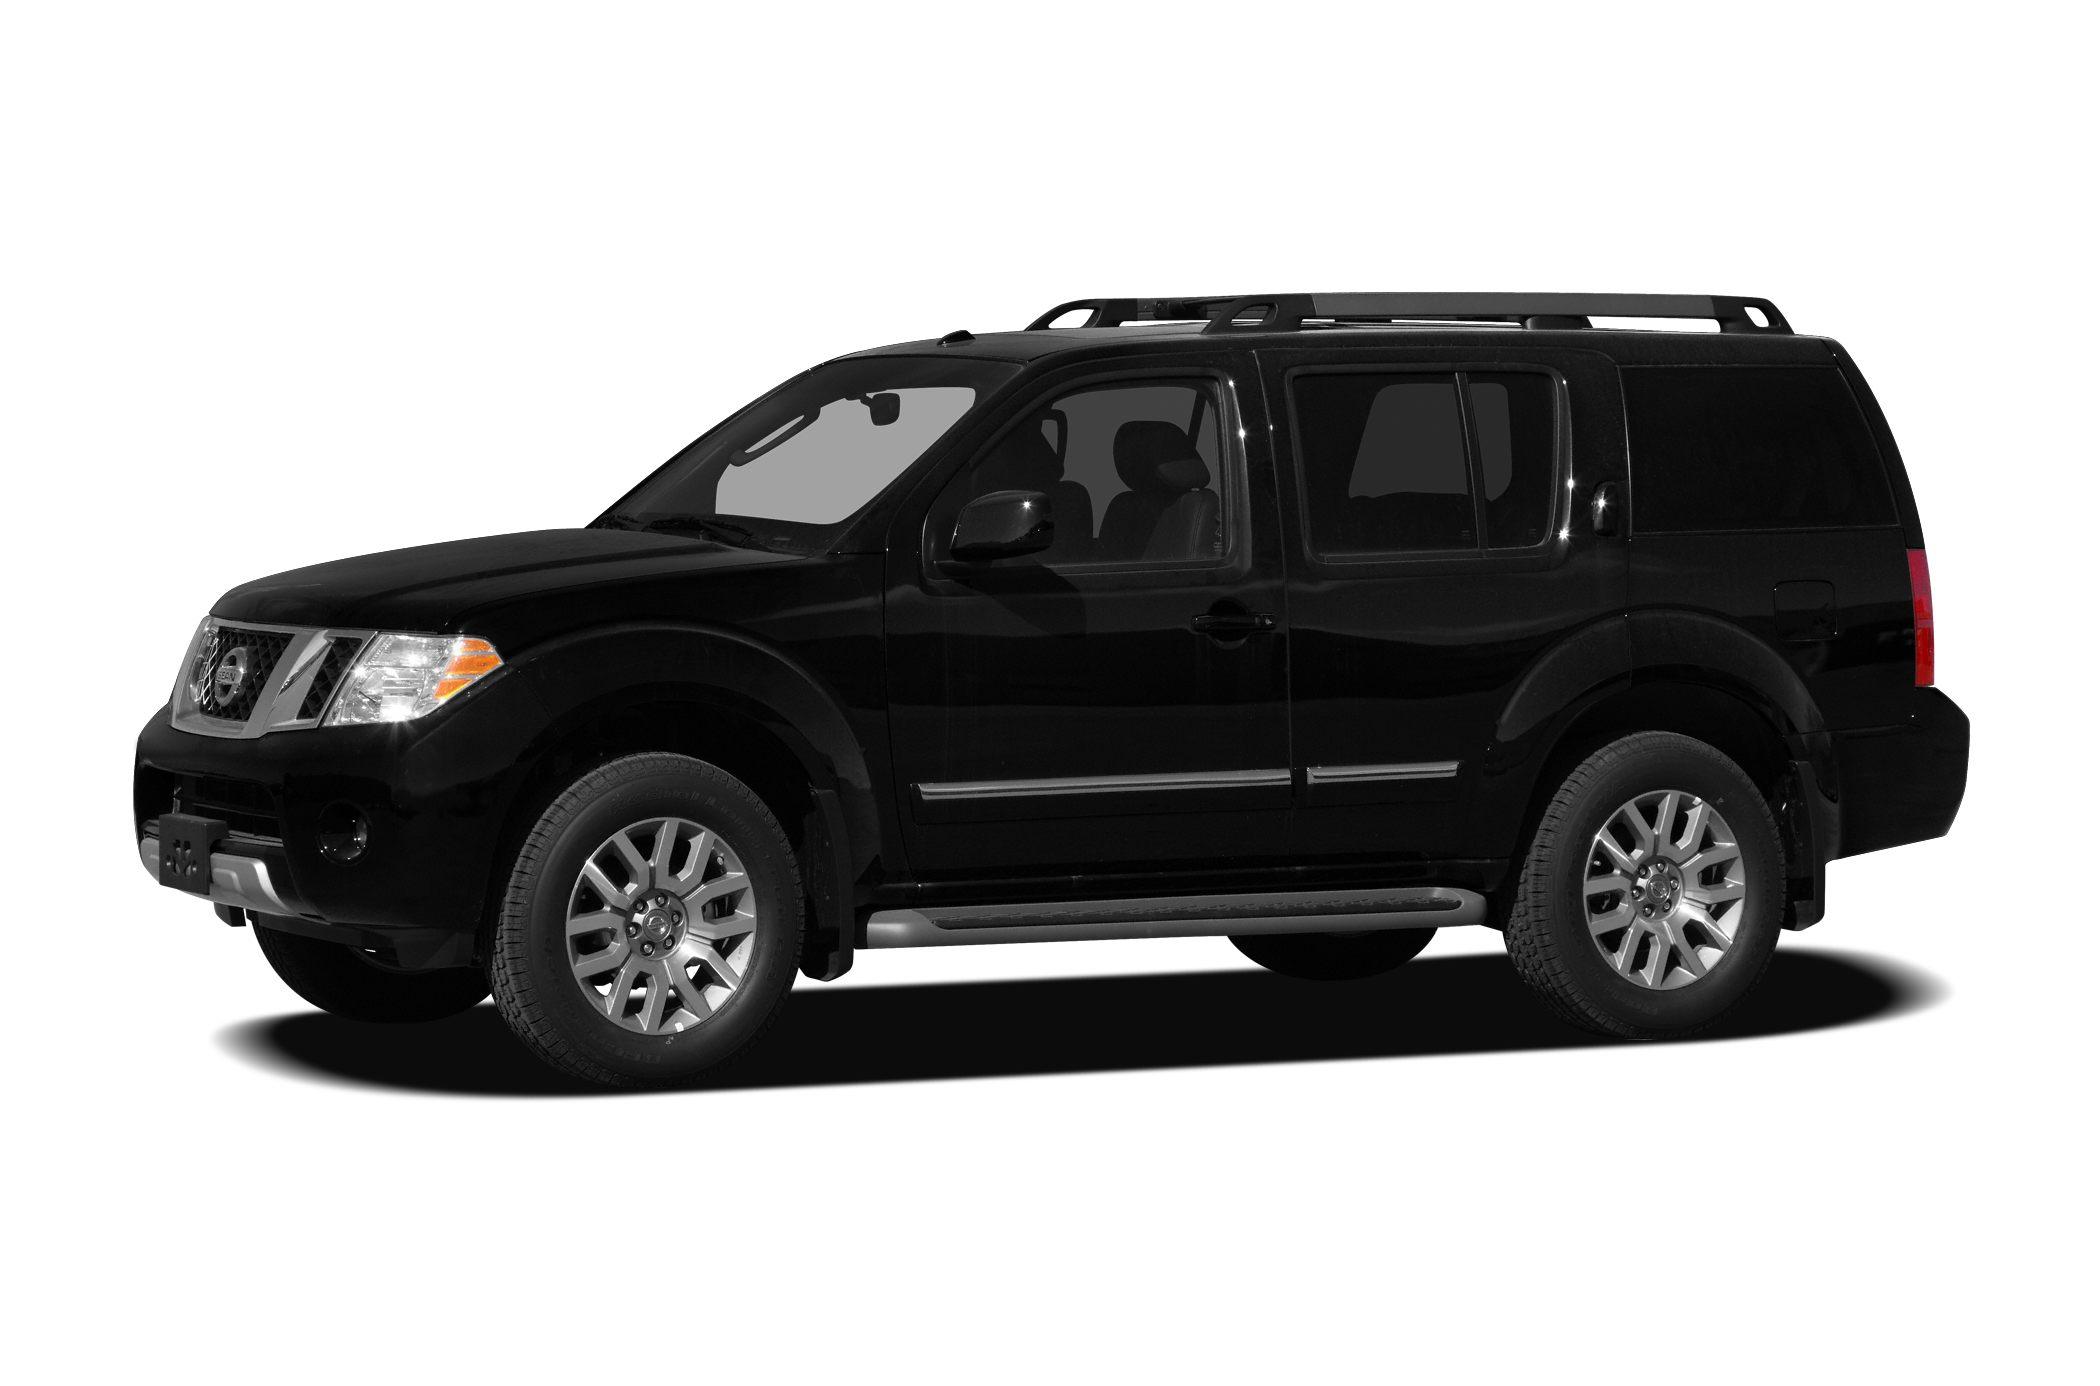 2009 Nissan Pathfinder Recalls